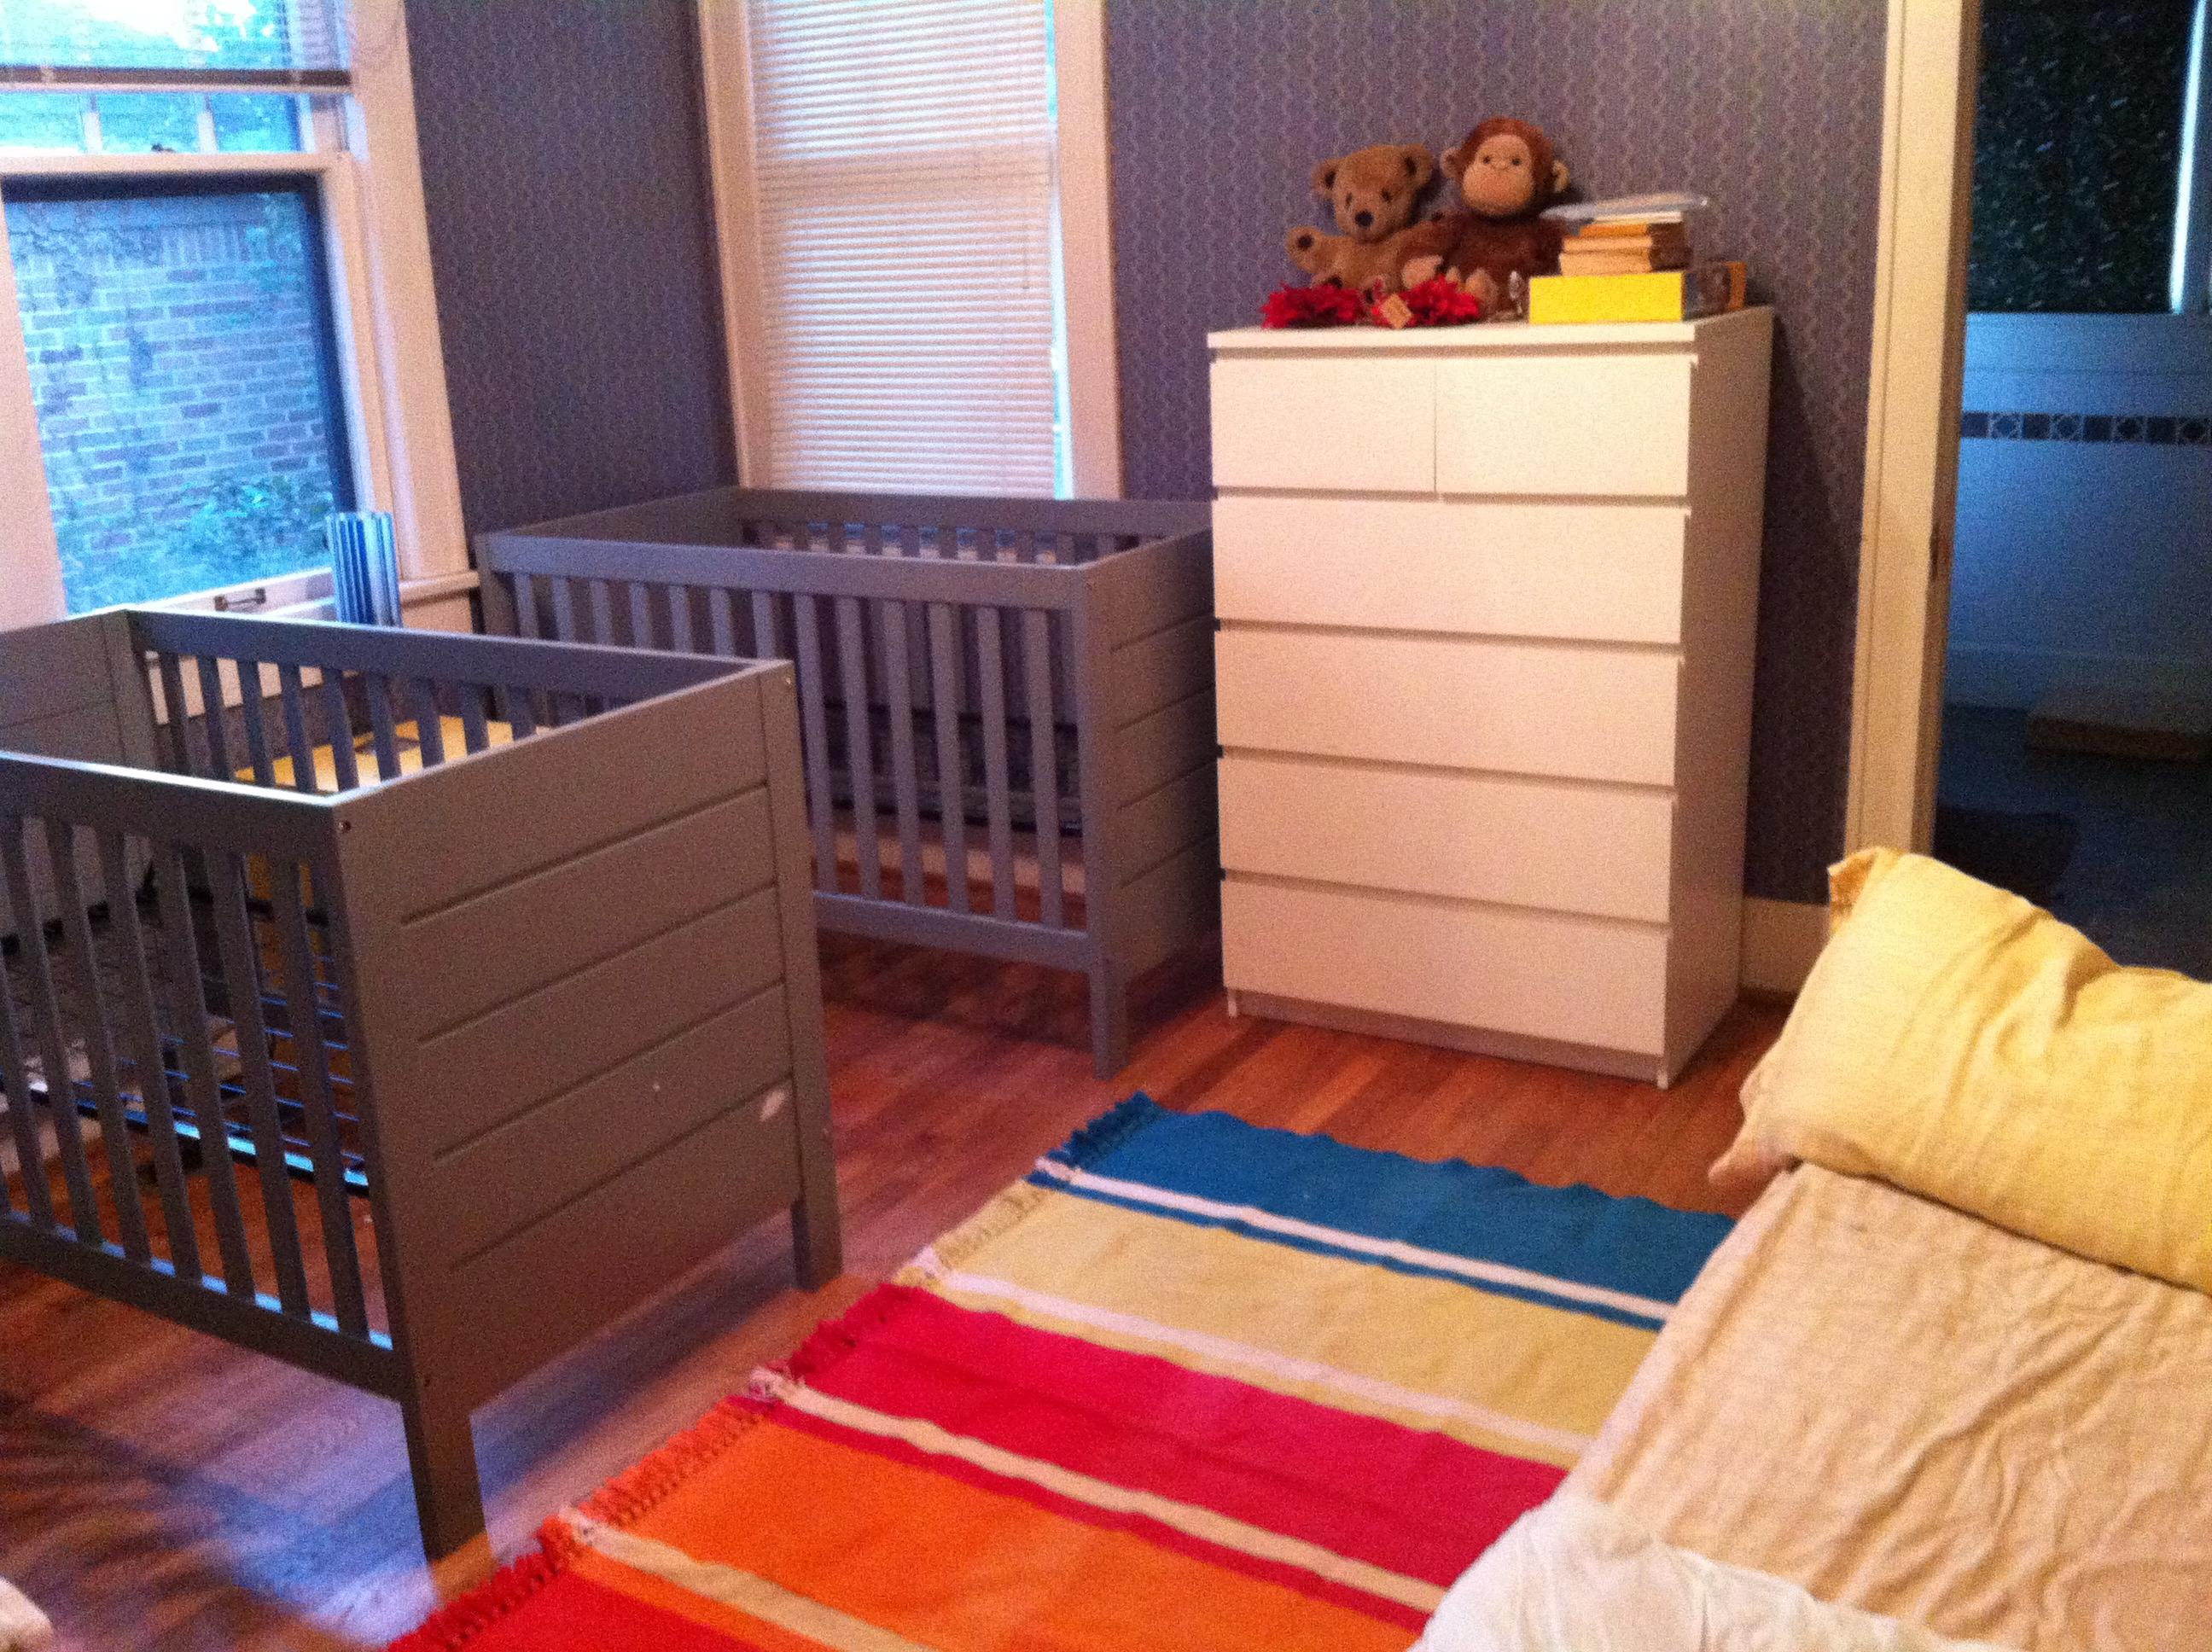 Baby cribs denver co - The Cribs